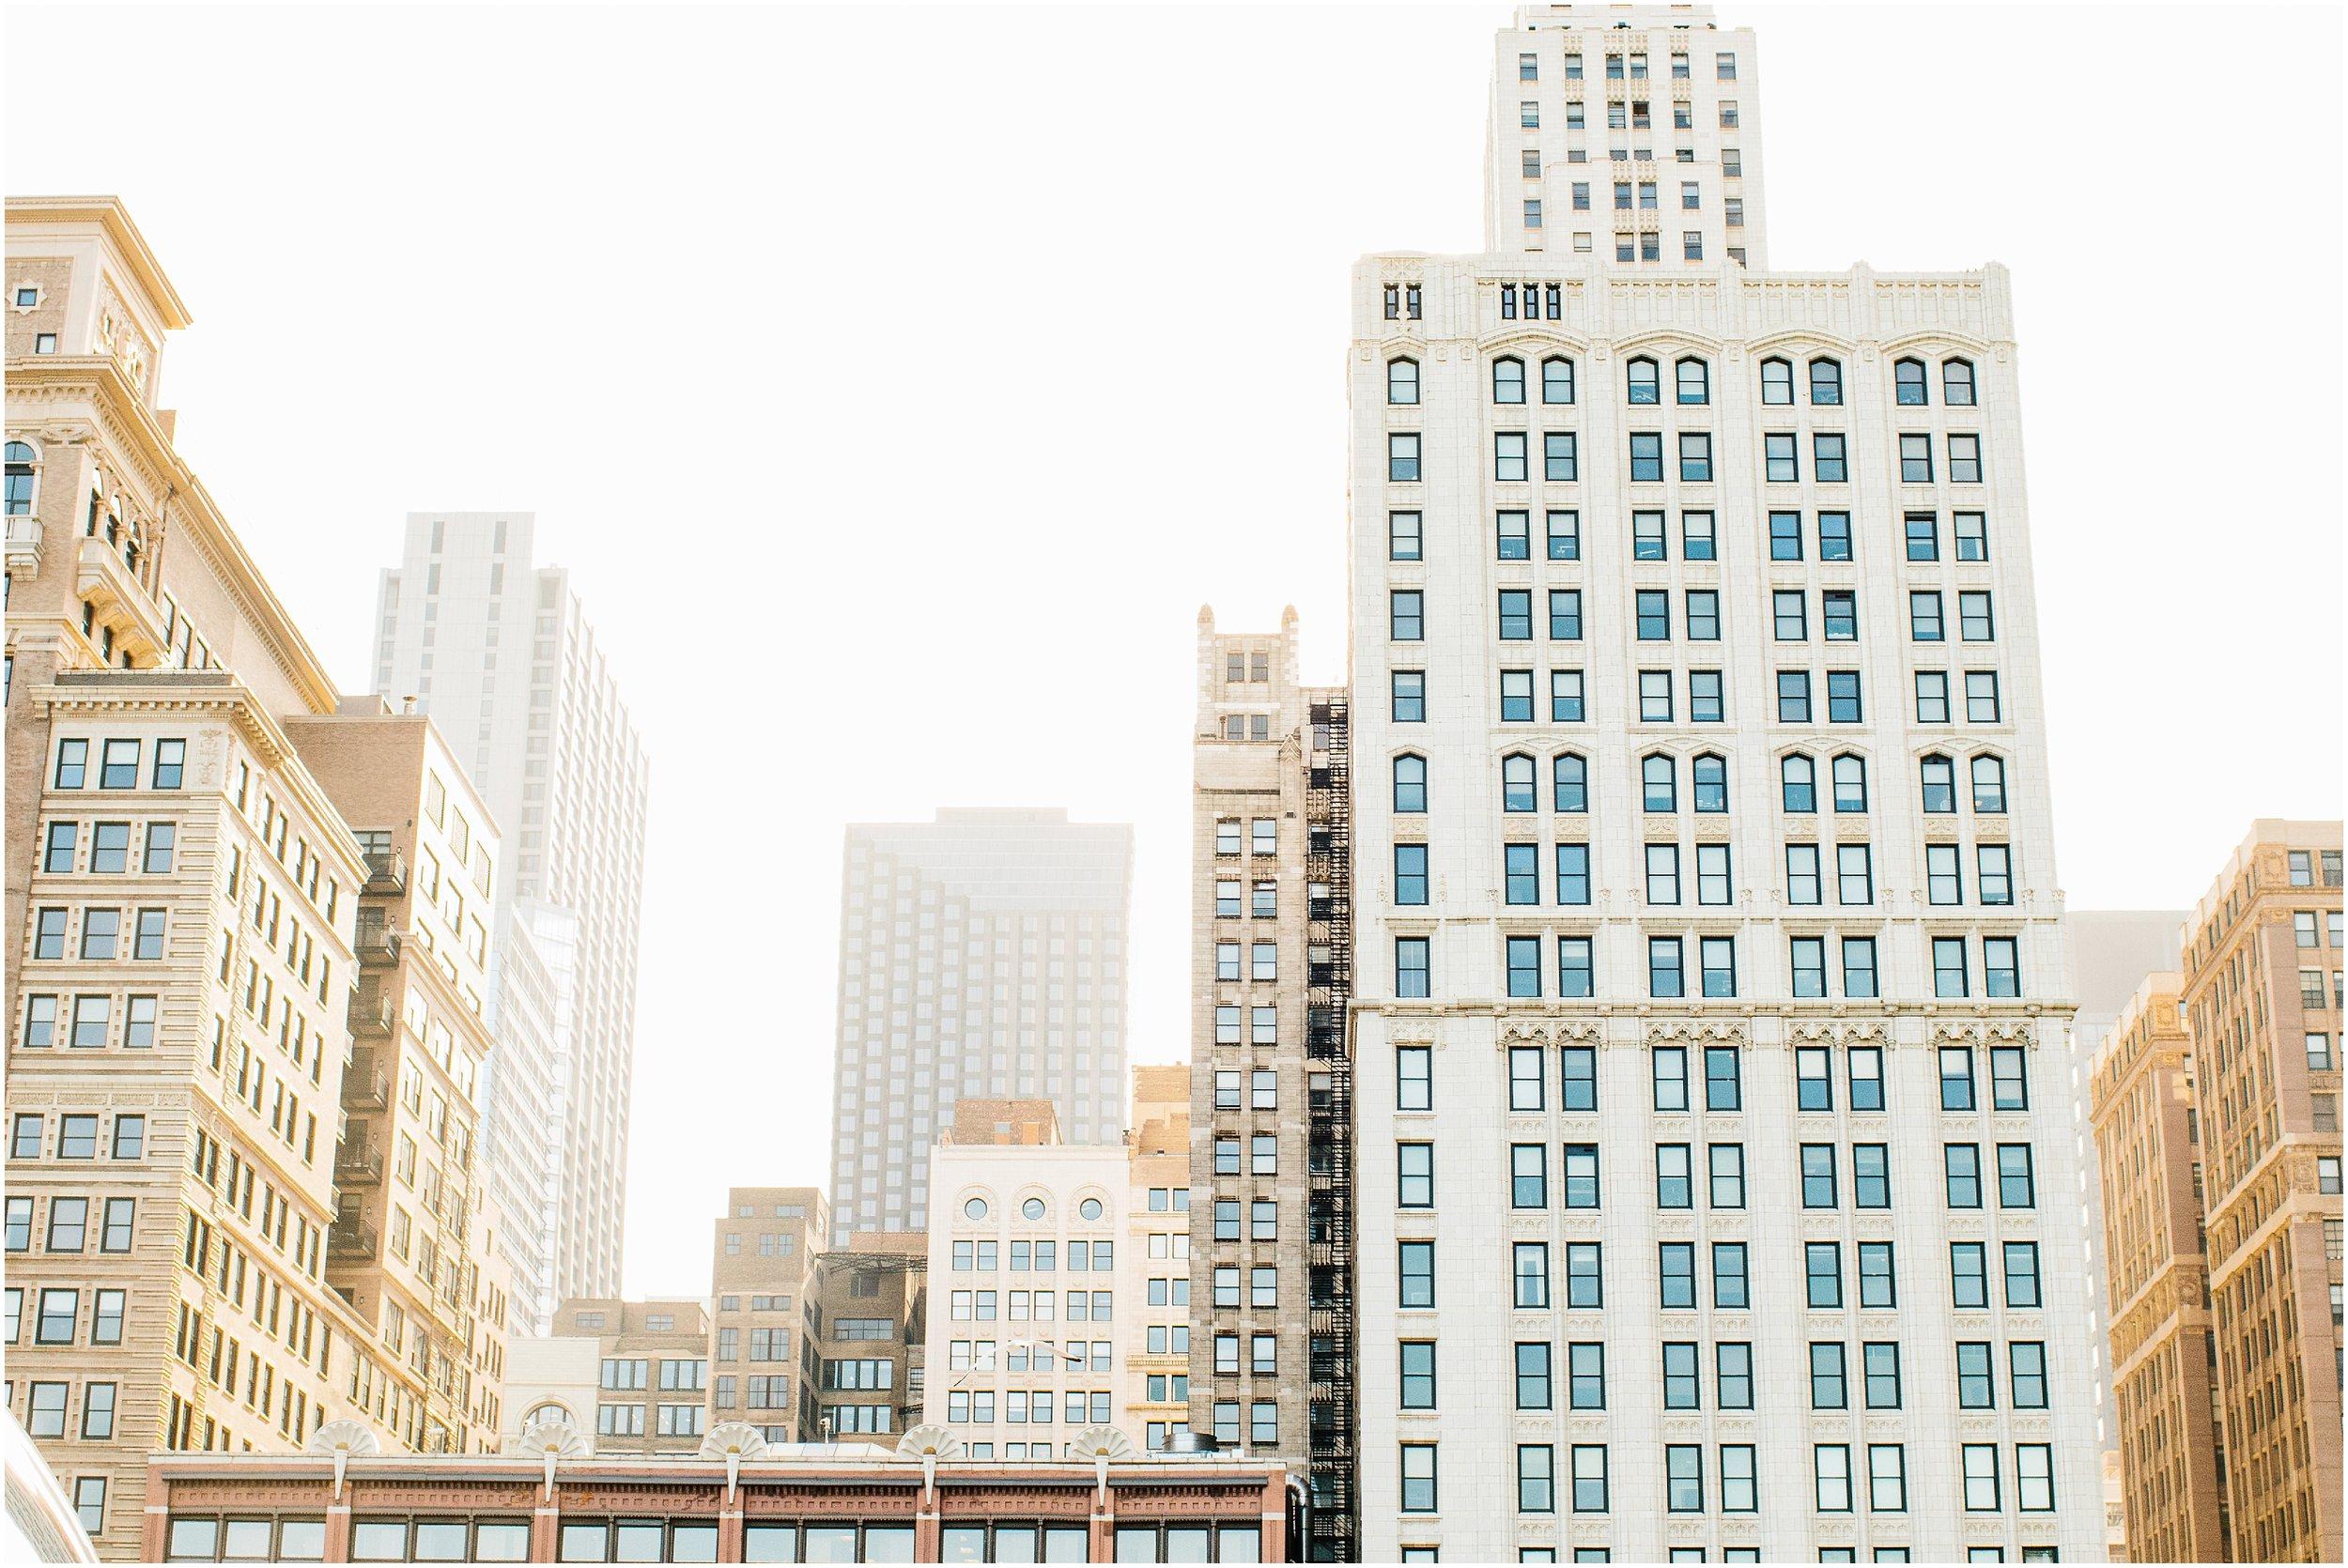 chicago_travel_guide_0500.jpg